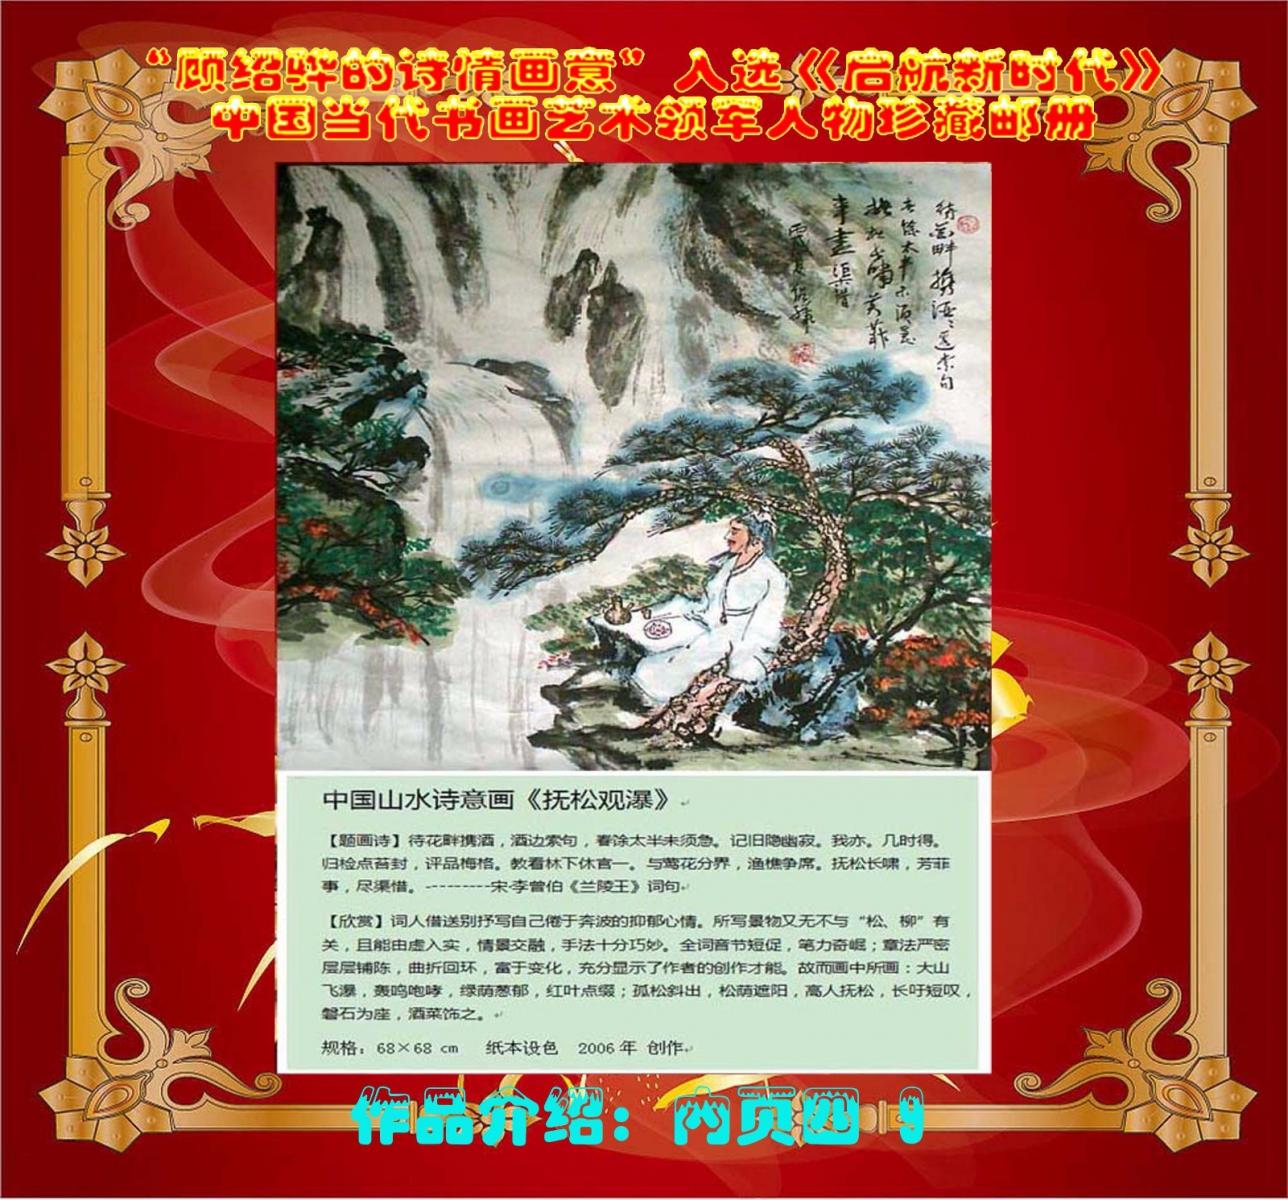 """""""顾绍骅的诗情画意""""入选《启航新时代》中国当代书画艺术领军人物珍藏集邮册 ... ..._图1-13"""